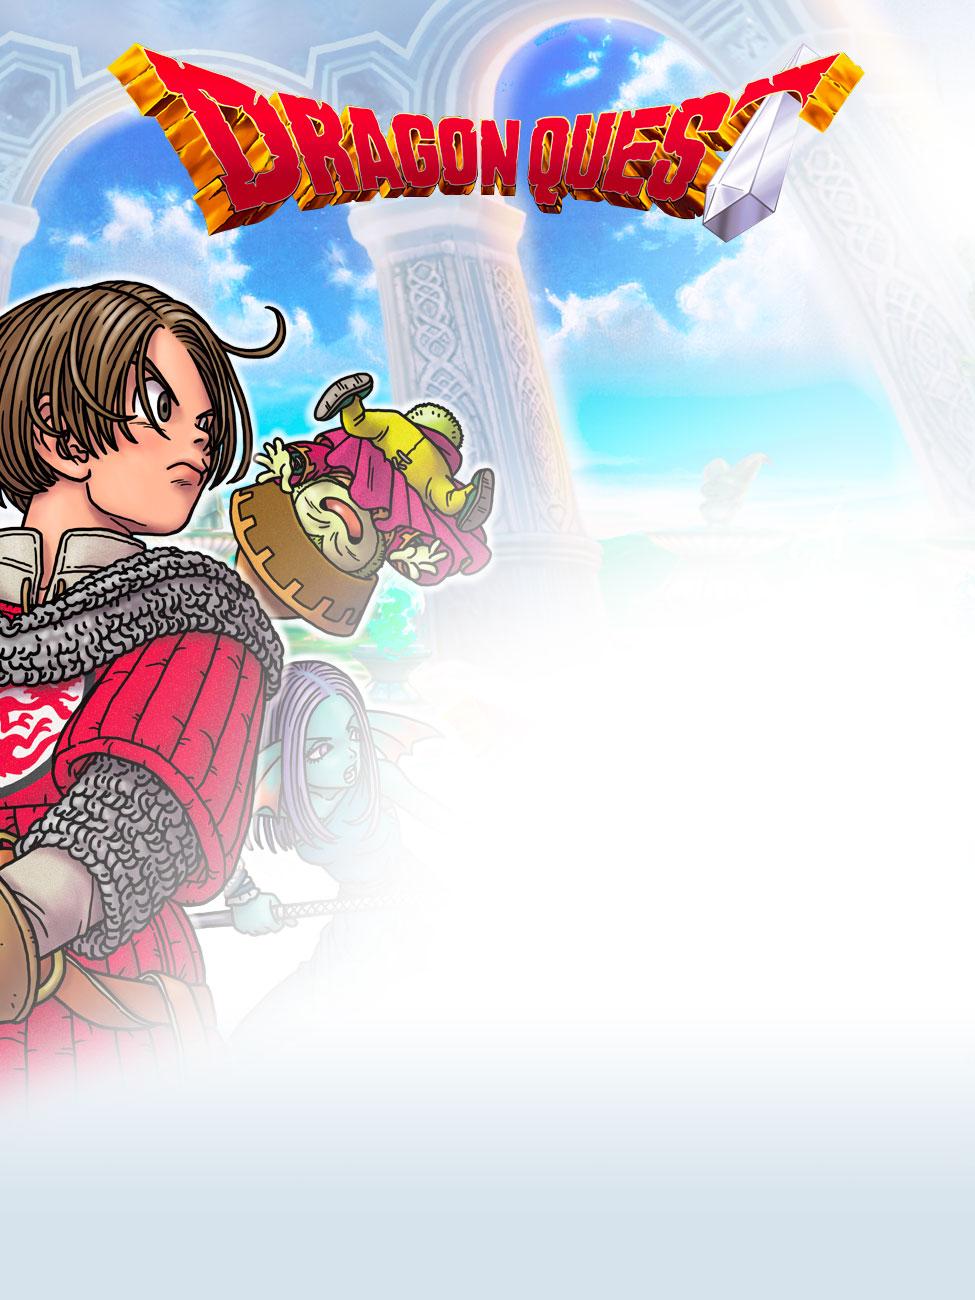 Dragon quest for Mobilia webhallen